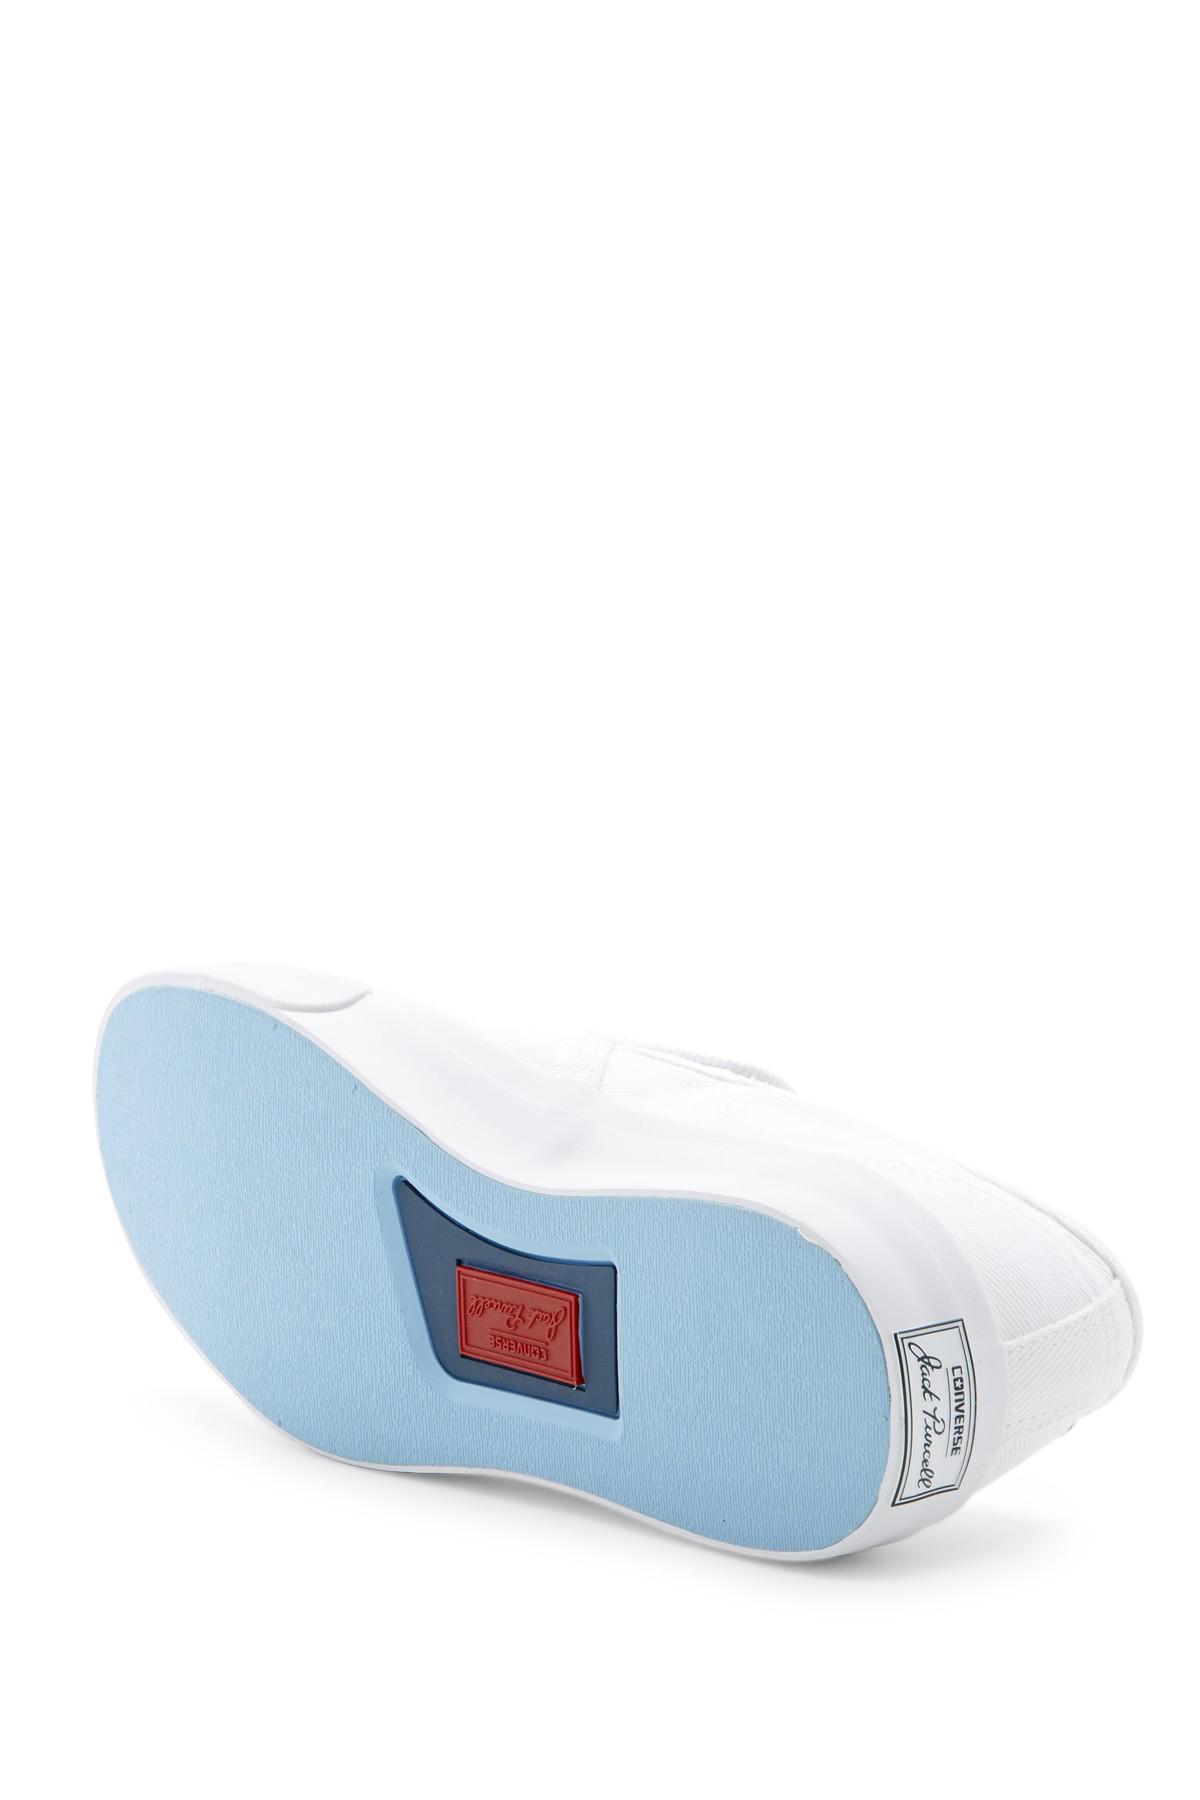 ba14759a6b5102 Lyst - Converse Jack Purcell Ii Slip-on Sneaker (unisex) in White